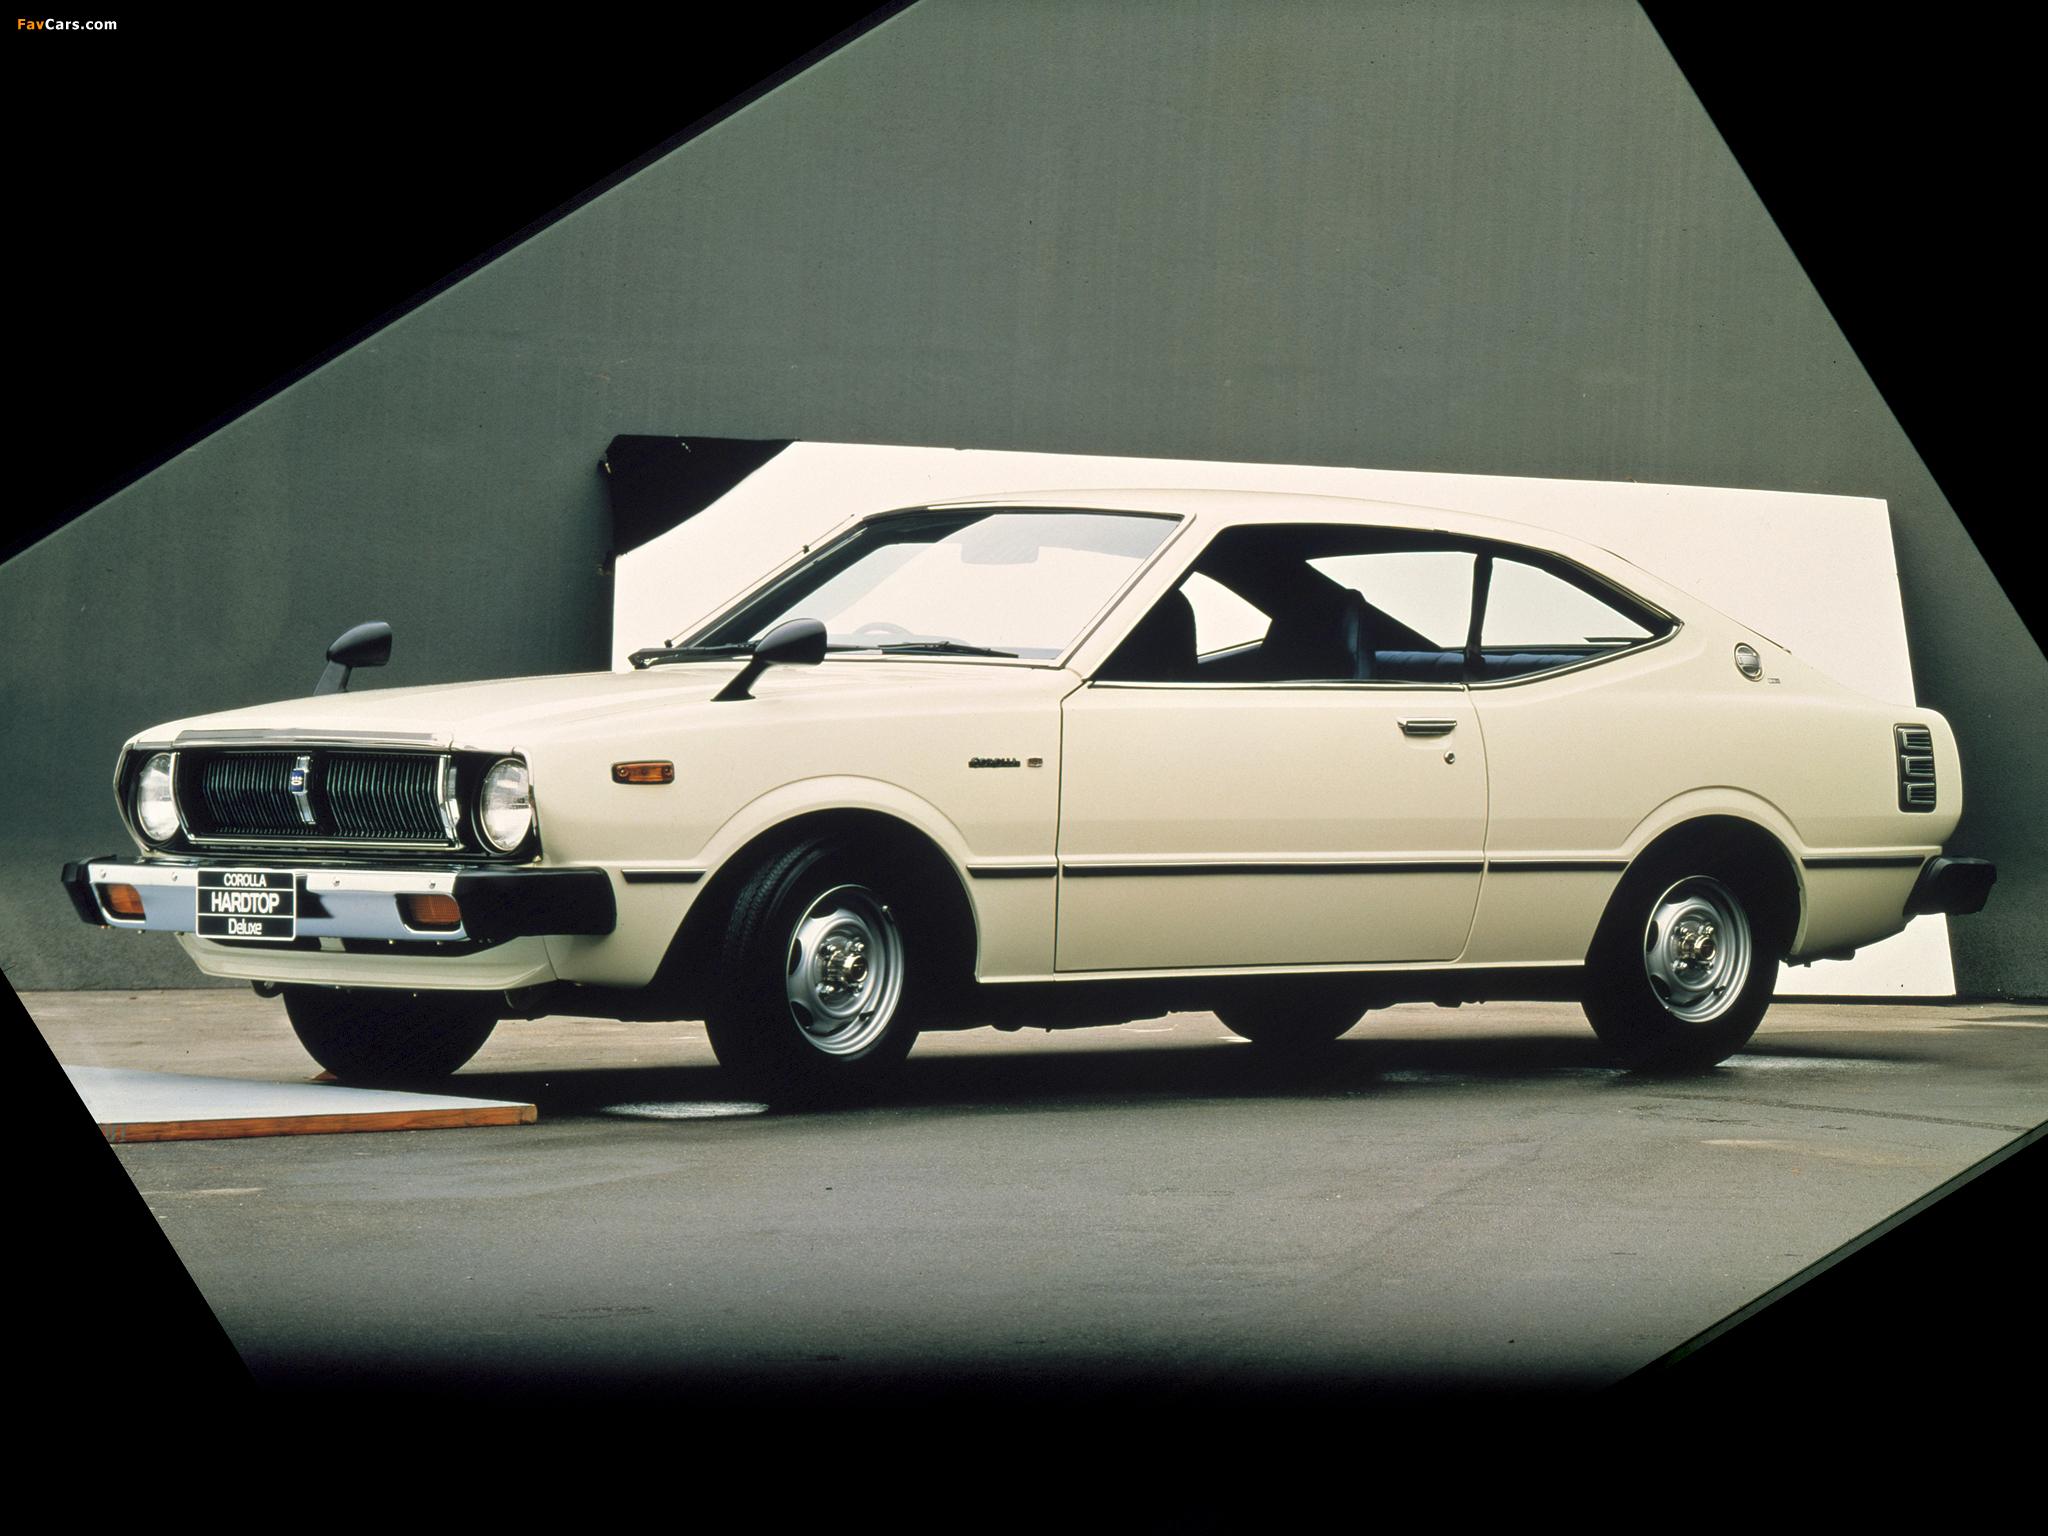 Toyota Corolla Hardtop Coupe E37 1974 79 Photos 2048x1536